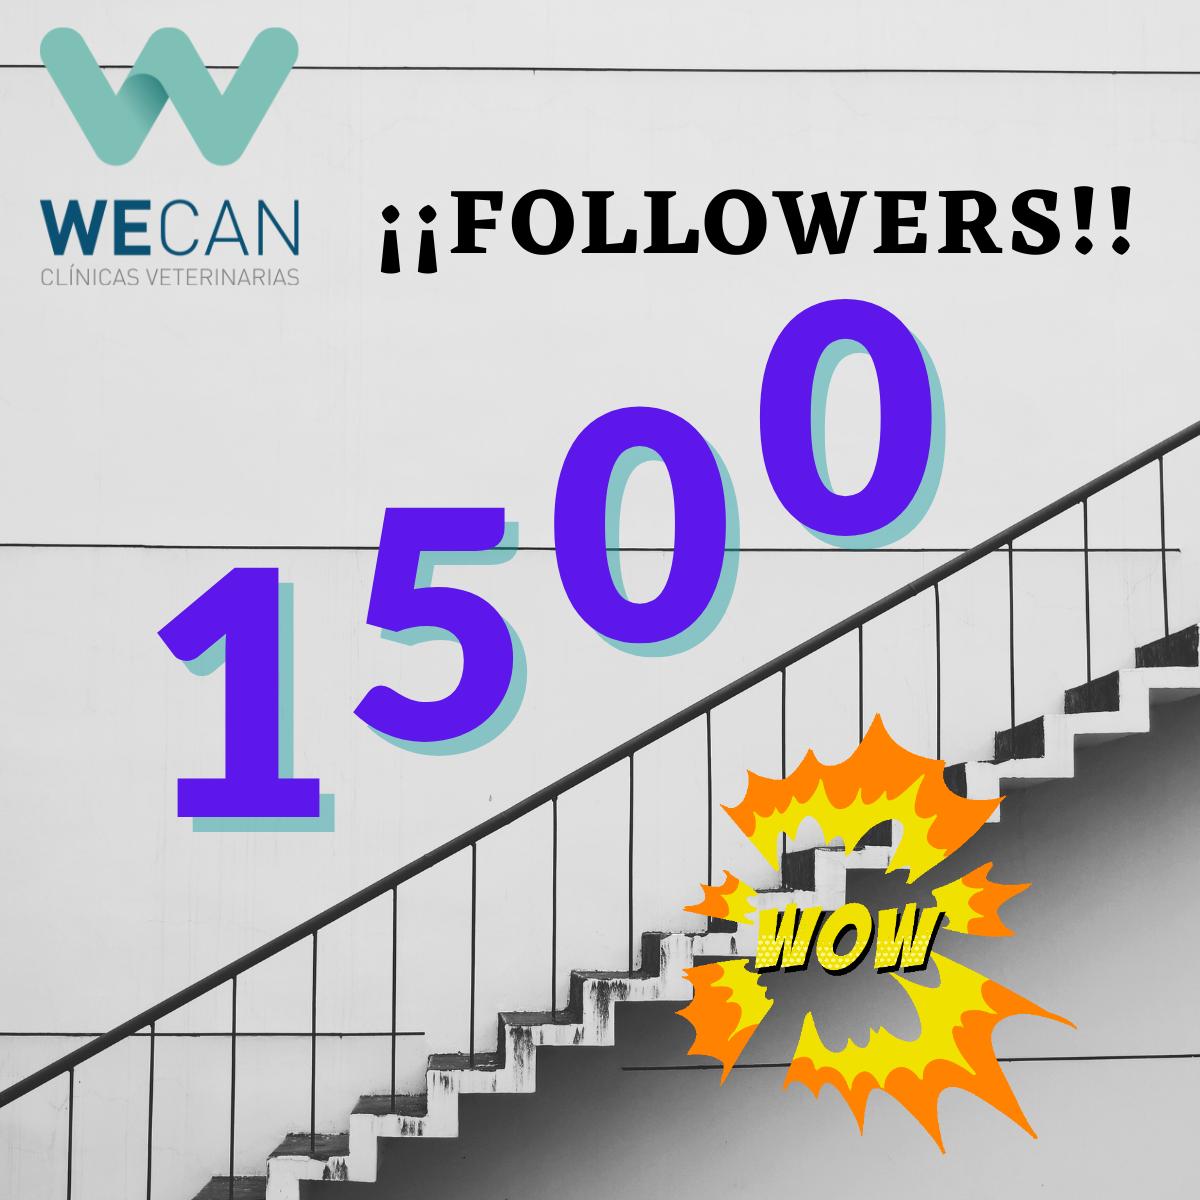 Celebración por los 1.500 seguidores en LinkedIn